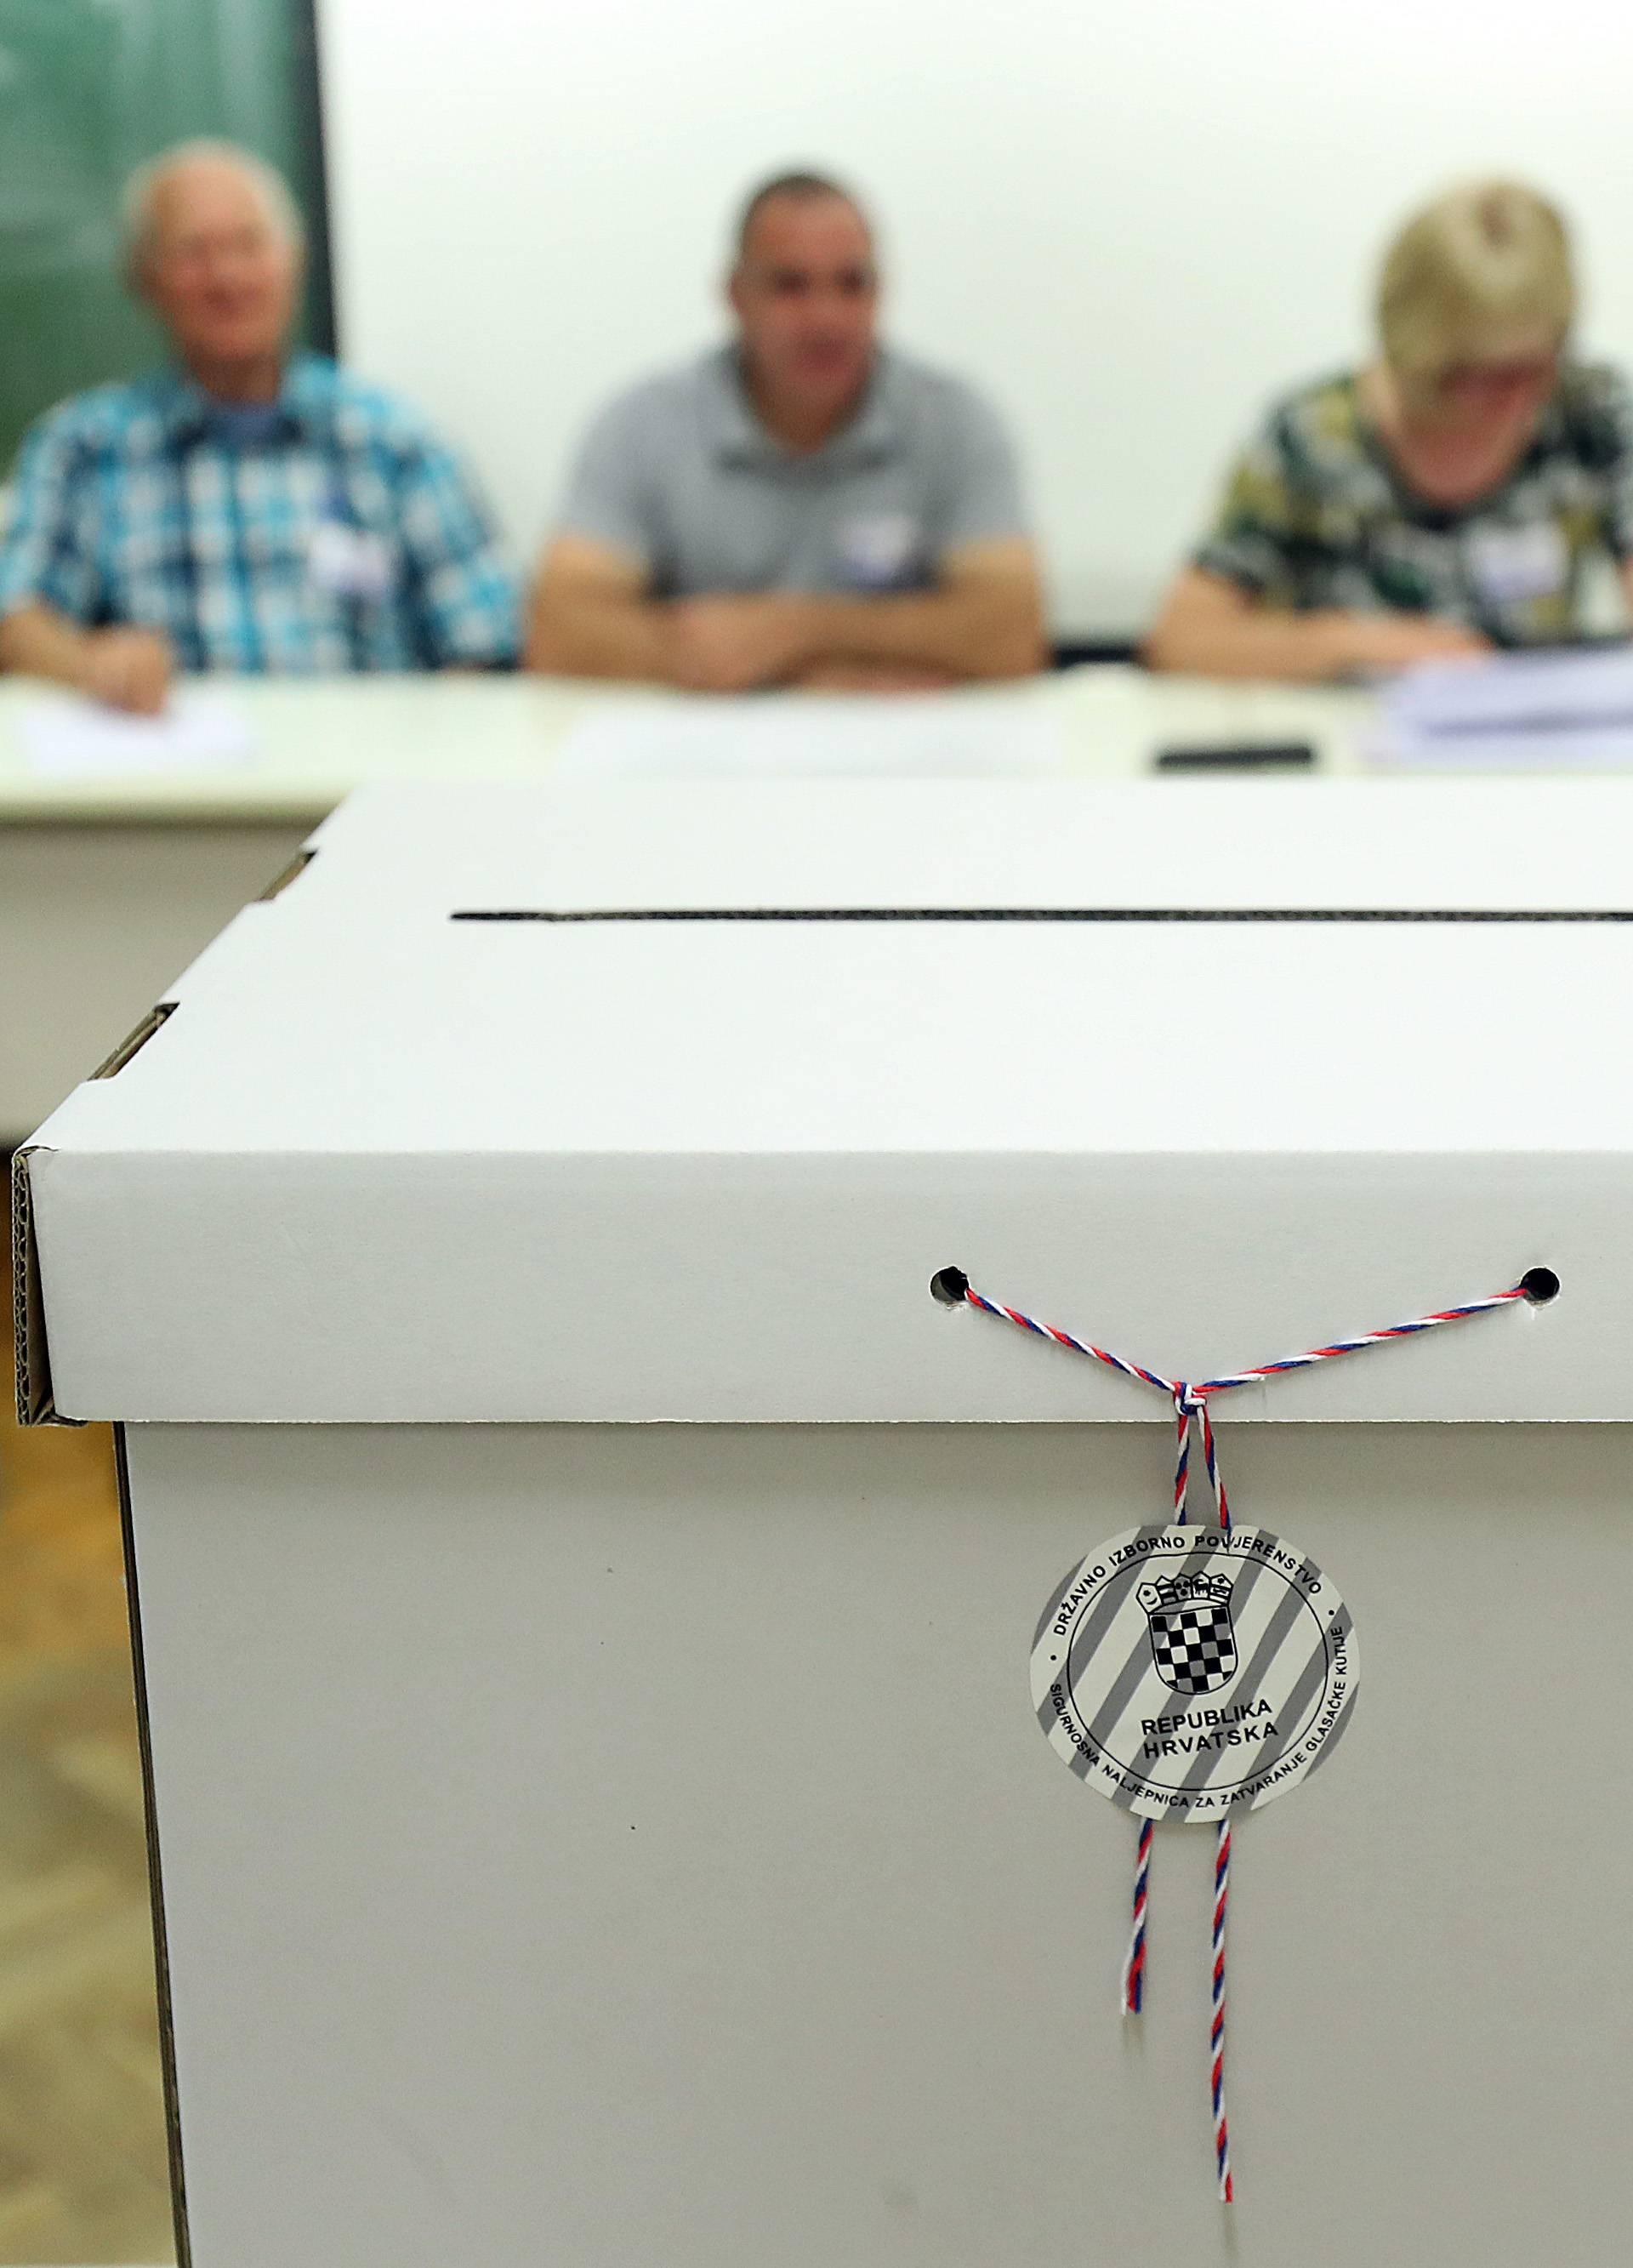 Tek par nepravilnosti: Načelnik nagovarao za koga da se glasa